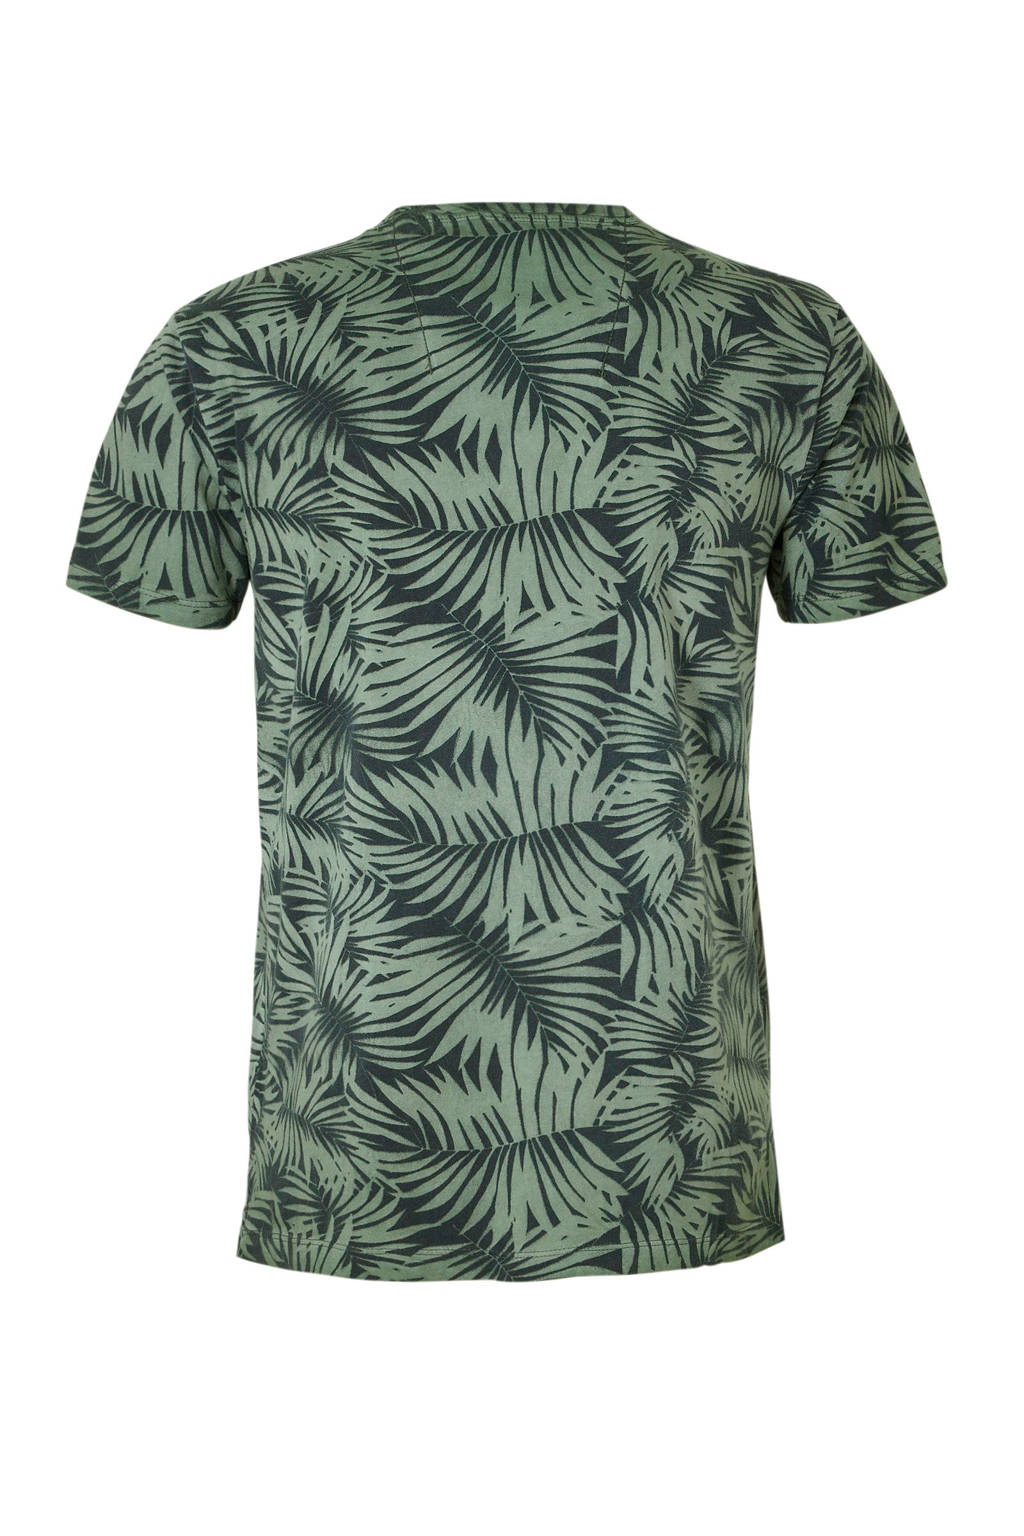 Garcia T-shirt met print donkergroen, Donkergroen/zwart